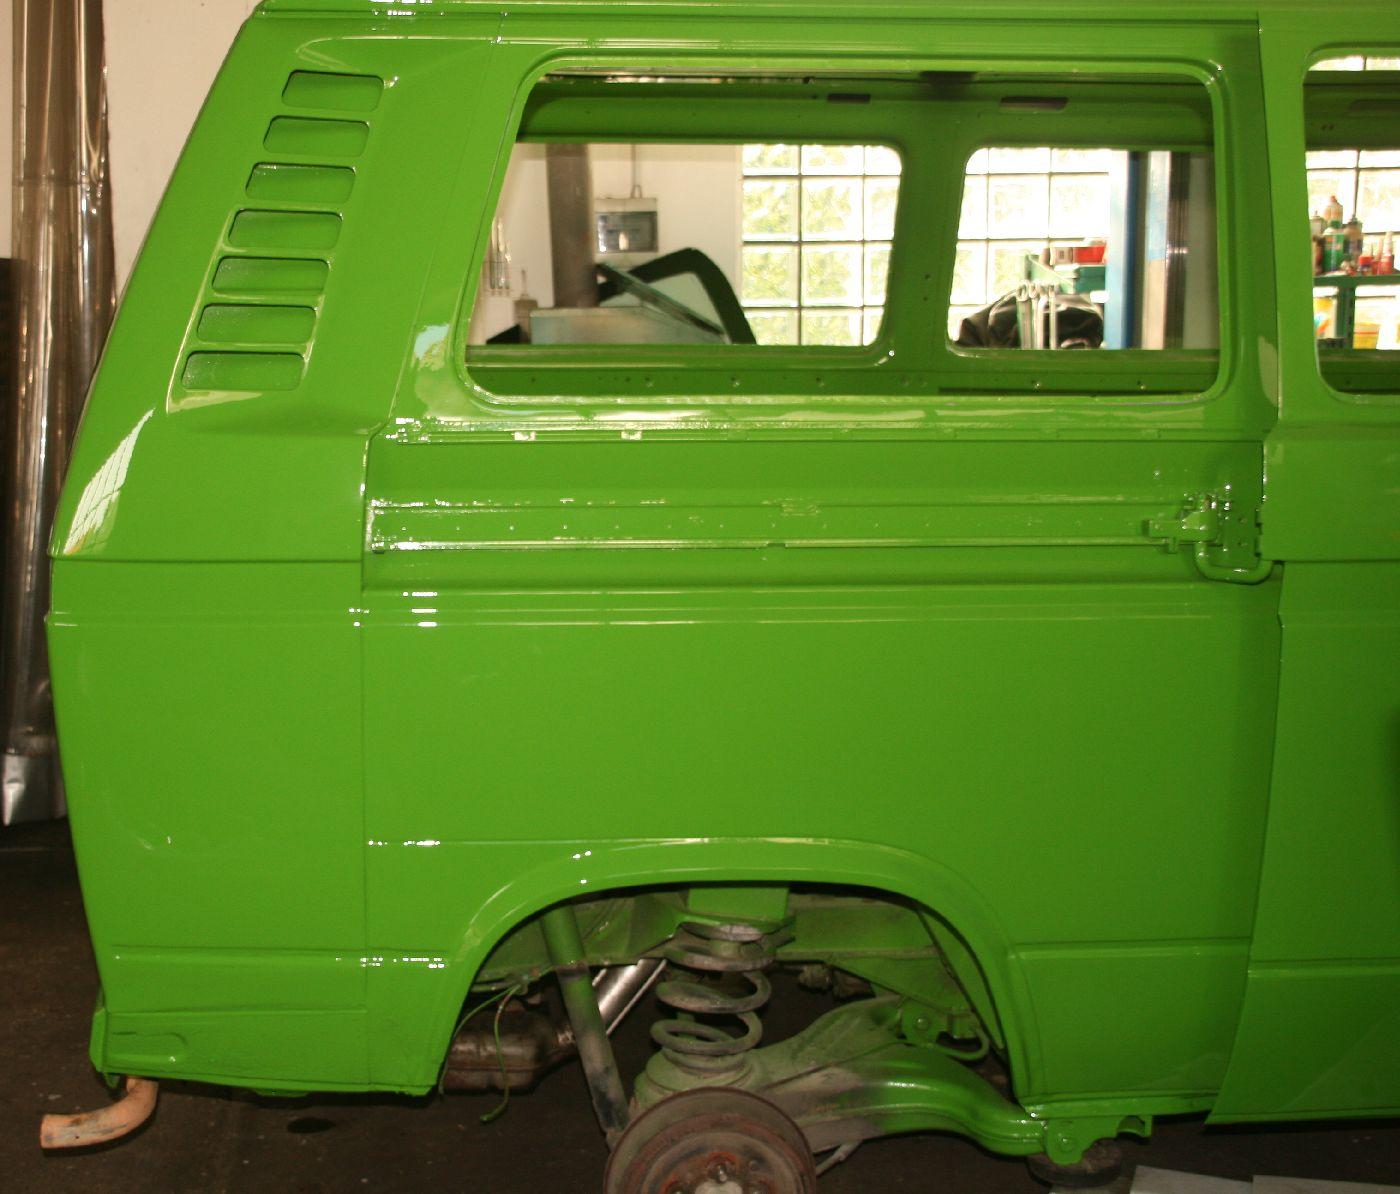 Vw Campingbus T3 Baujahr 1983 Holucar Oldtimerrestaurierung